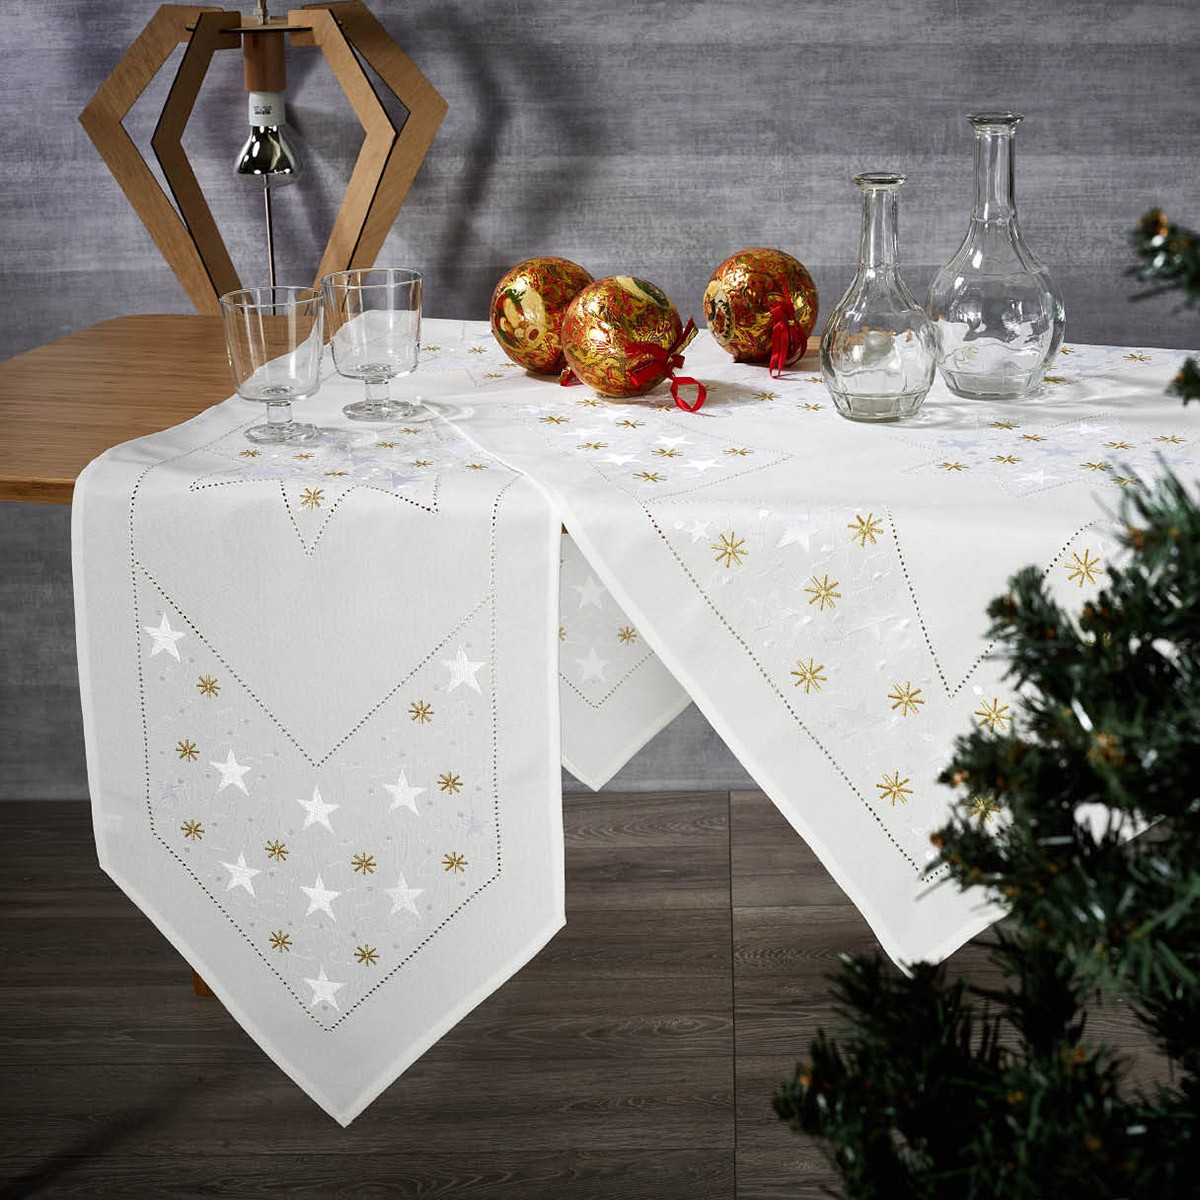 Χριστουγεννιάτικο Καρέ White Egg 41150/B